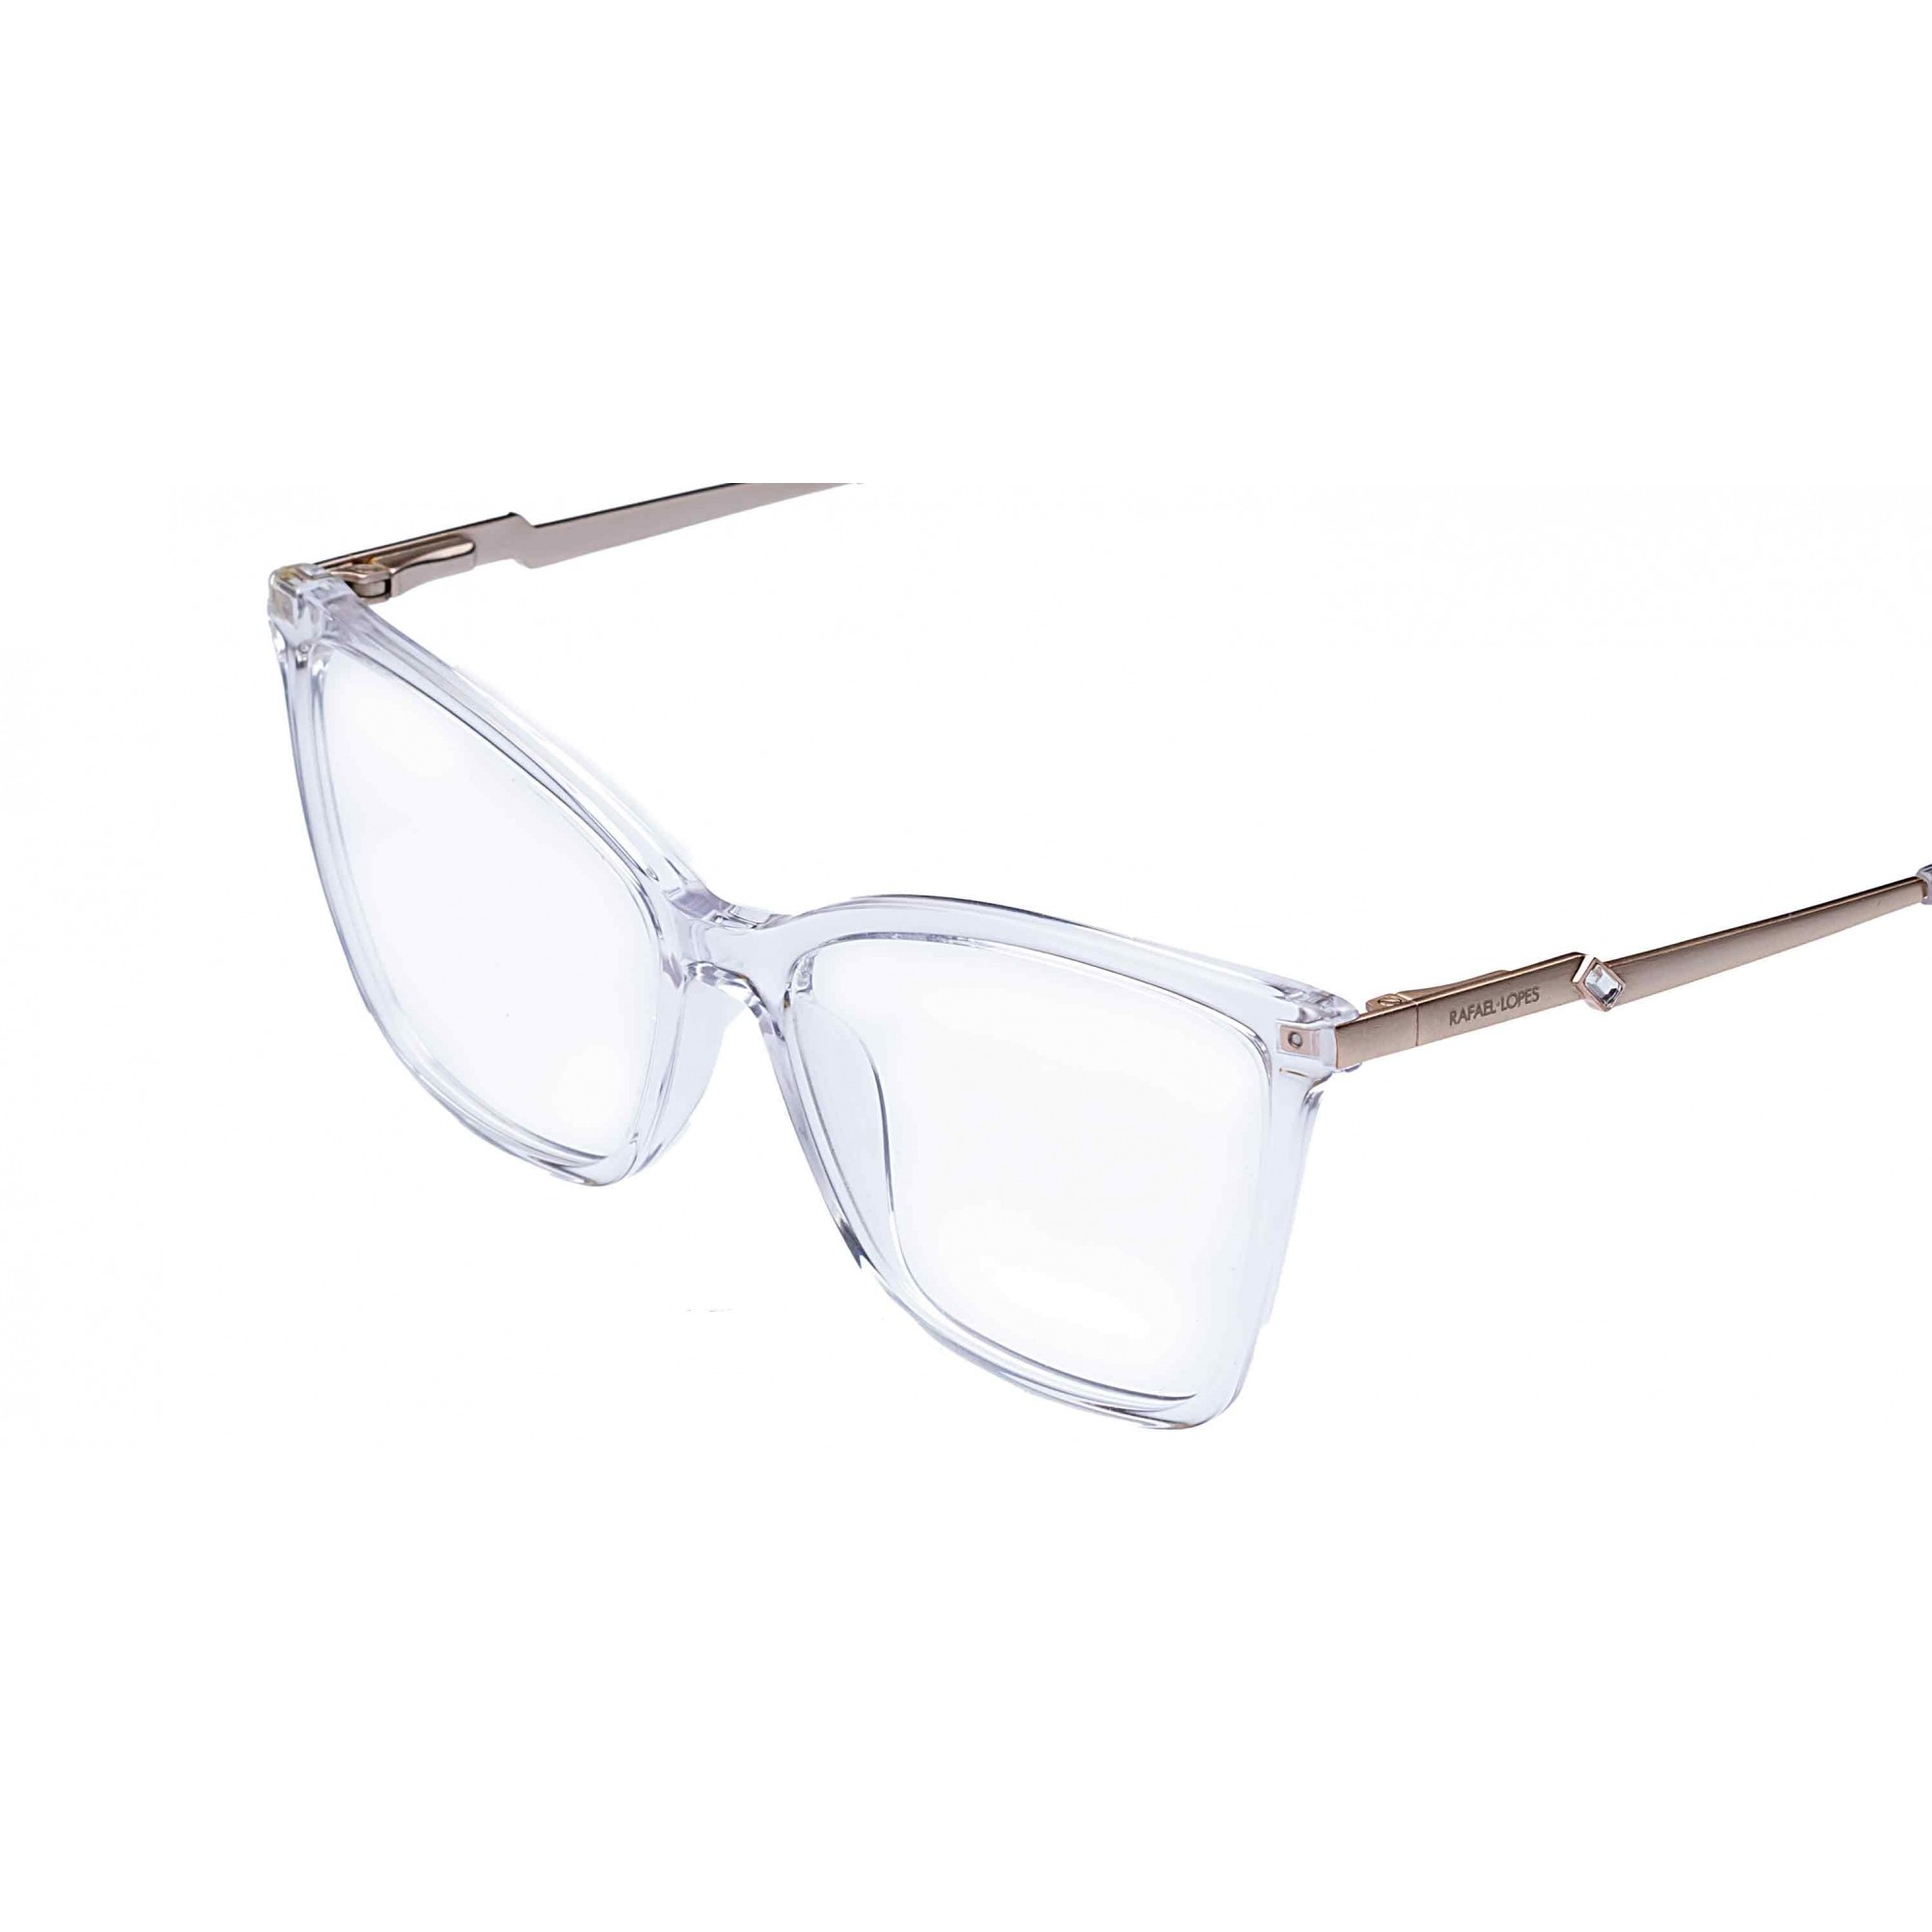 Óculos de Grau Glare Rafael Lopes Eyewear